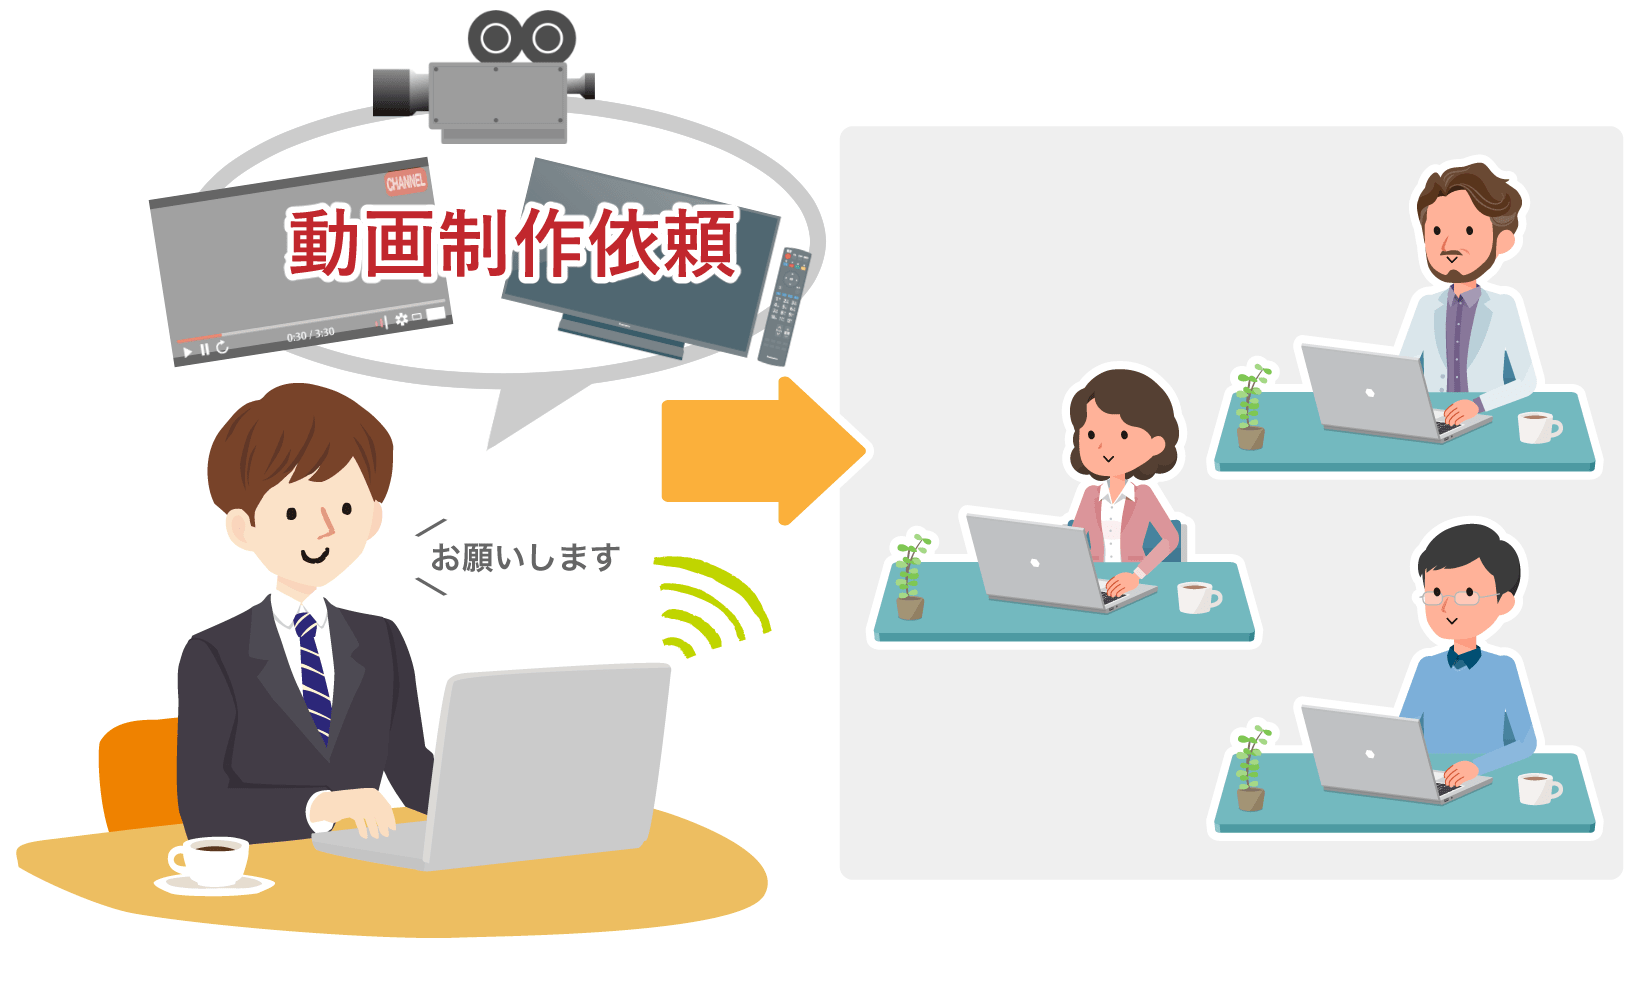 """Crowd(群衆)+ Sourcing(業務委託)を組み合わせた造語で、多くの人が集まるサイトで業務委託する</strong></noscript>という新たな雇用形態です。クラウドソーシングサイトで案件を投稿すると、サイトに登録しているフリーランサーから応募があります。発注者側はフリーランサーのプロフィールや過去に引き受けた案件など実績が閲覧でき、応募が多ければその中から選んで発注します。"""" width=""""1640″ height=""""1000″ class=""""alignnone size-full wp-image-6875″ /></p><p><strong class="""